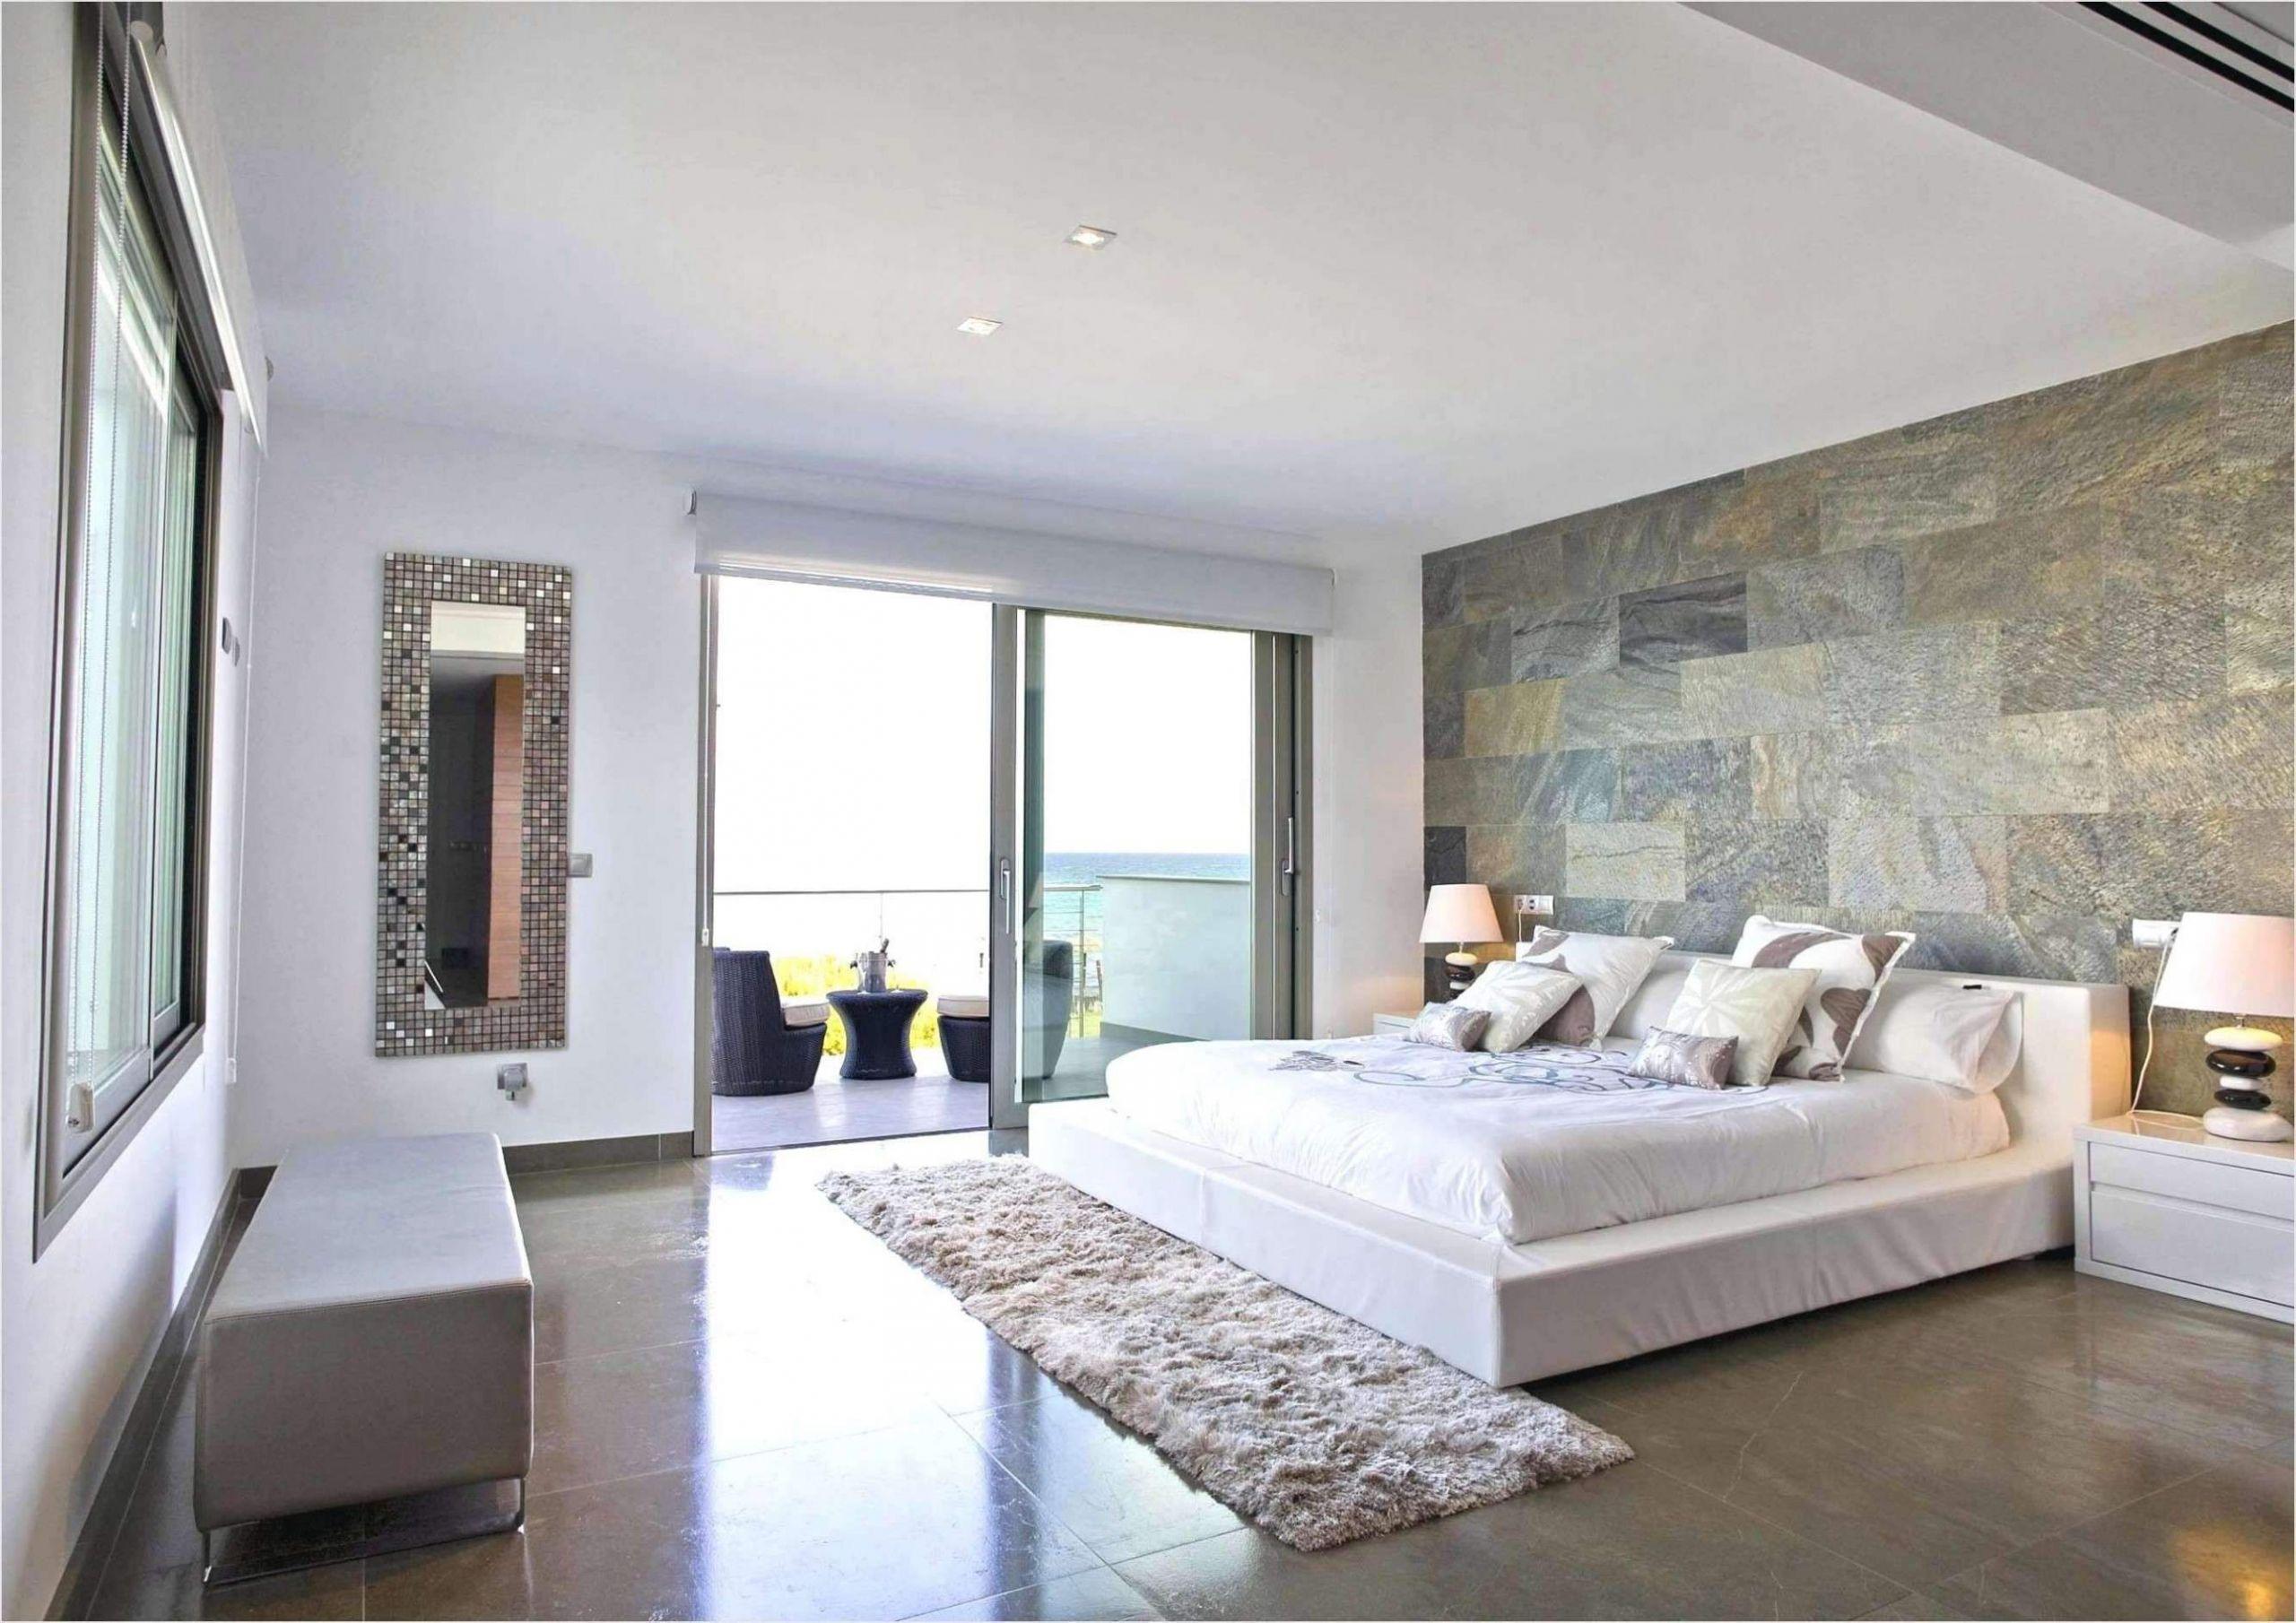 wohnzimmer wanddeko genial wohnzimmer design genial wanddeko wohnzimmer ideen neu of wohnzimmer wanddeko scaled